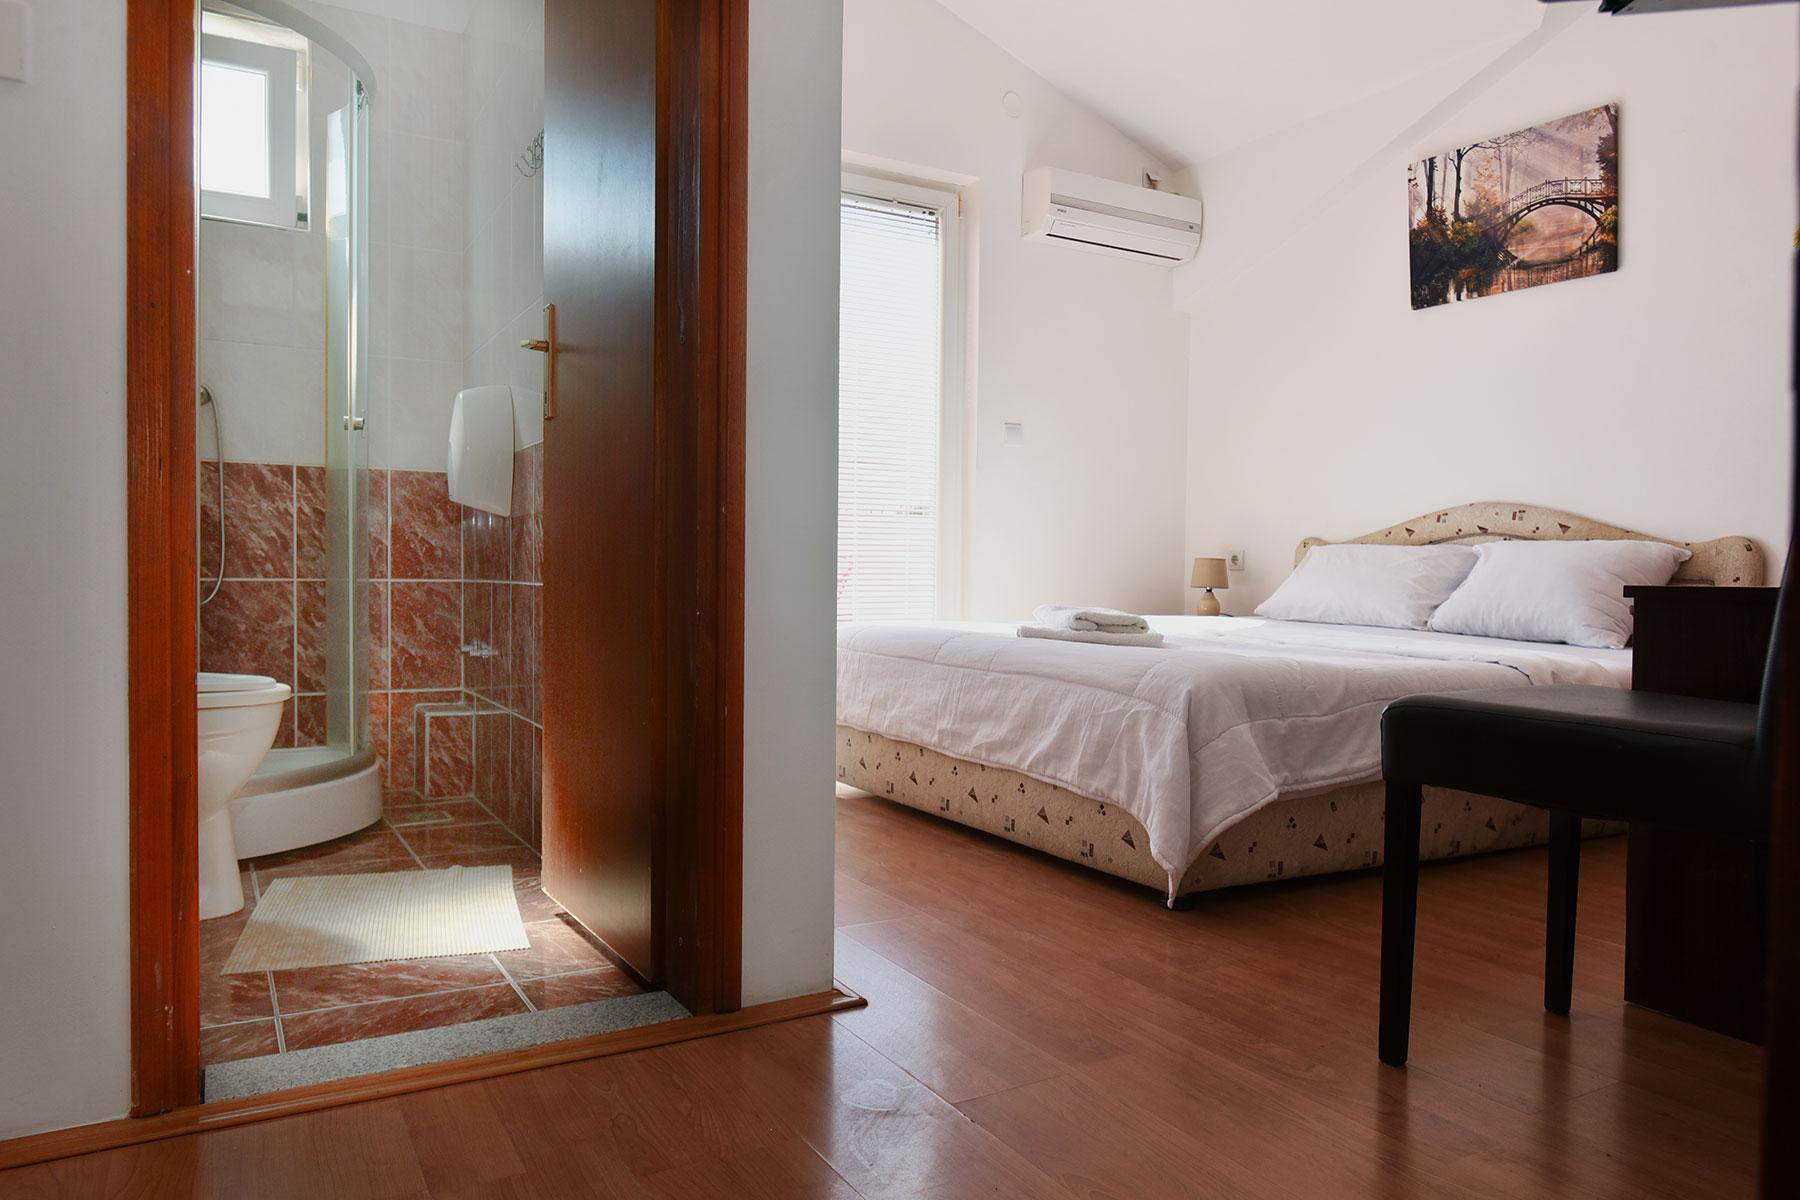 hotel-kapri-sobe-13